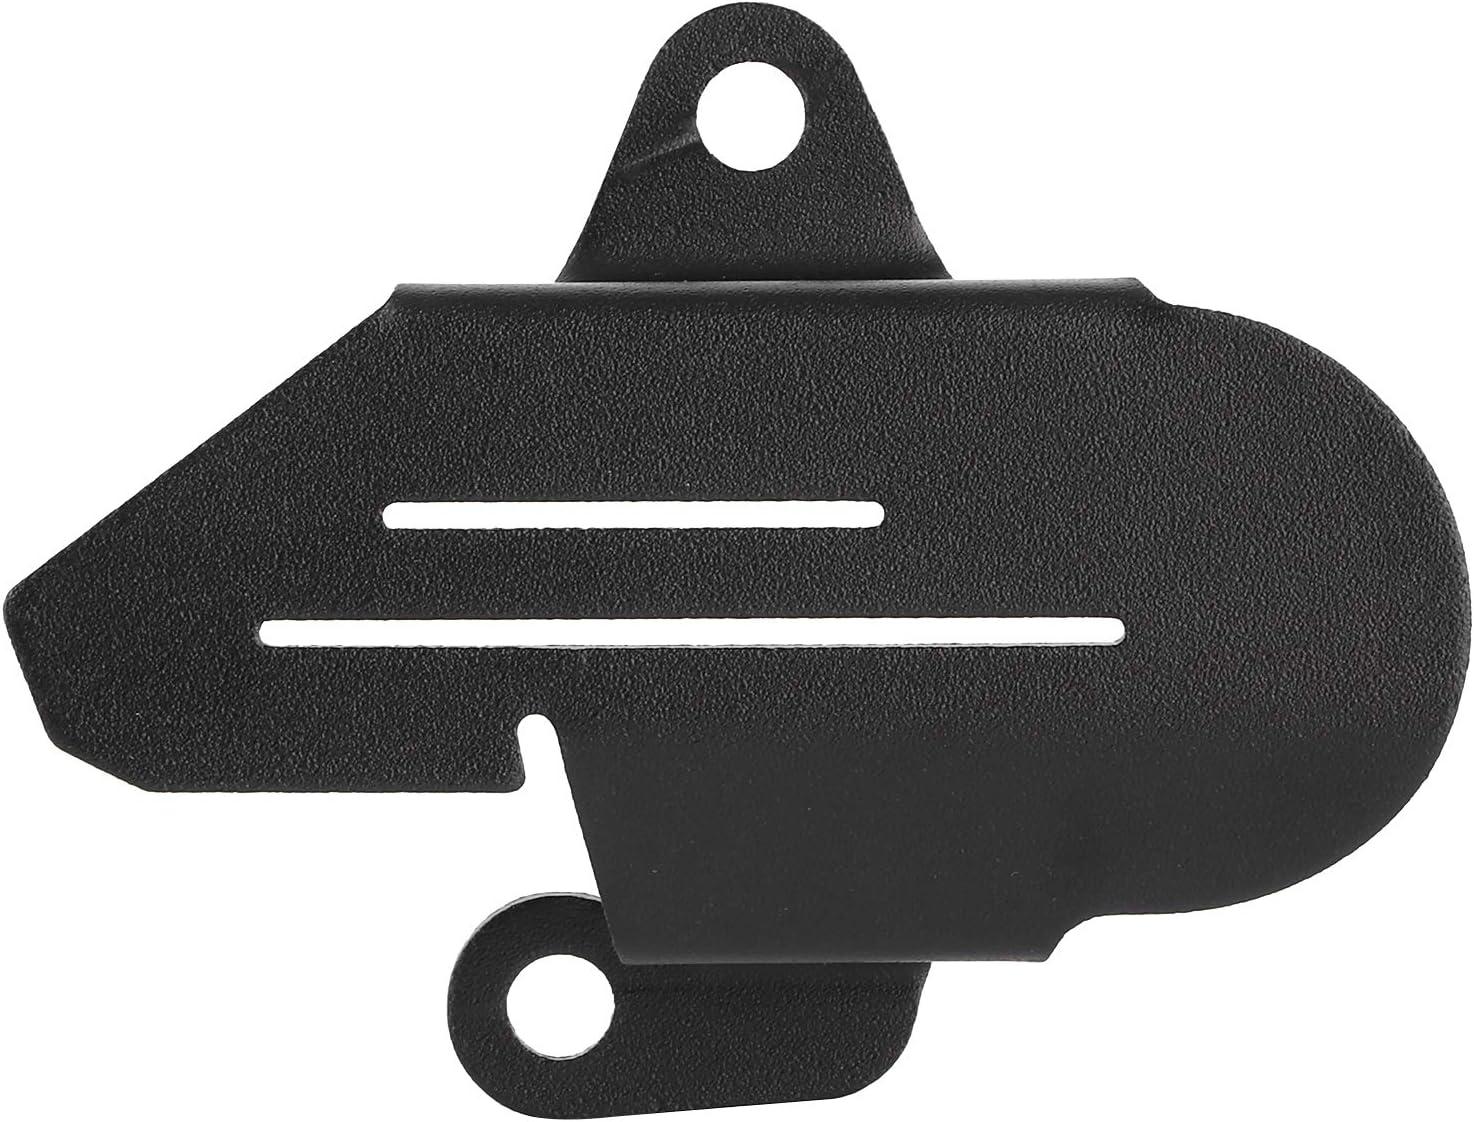 Piezas de motocicleta Negro cubierta protectora de interruptor de soporte lateral para motocicleta F750GS//F850GS//F850GS Adventure